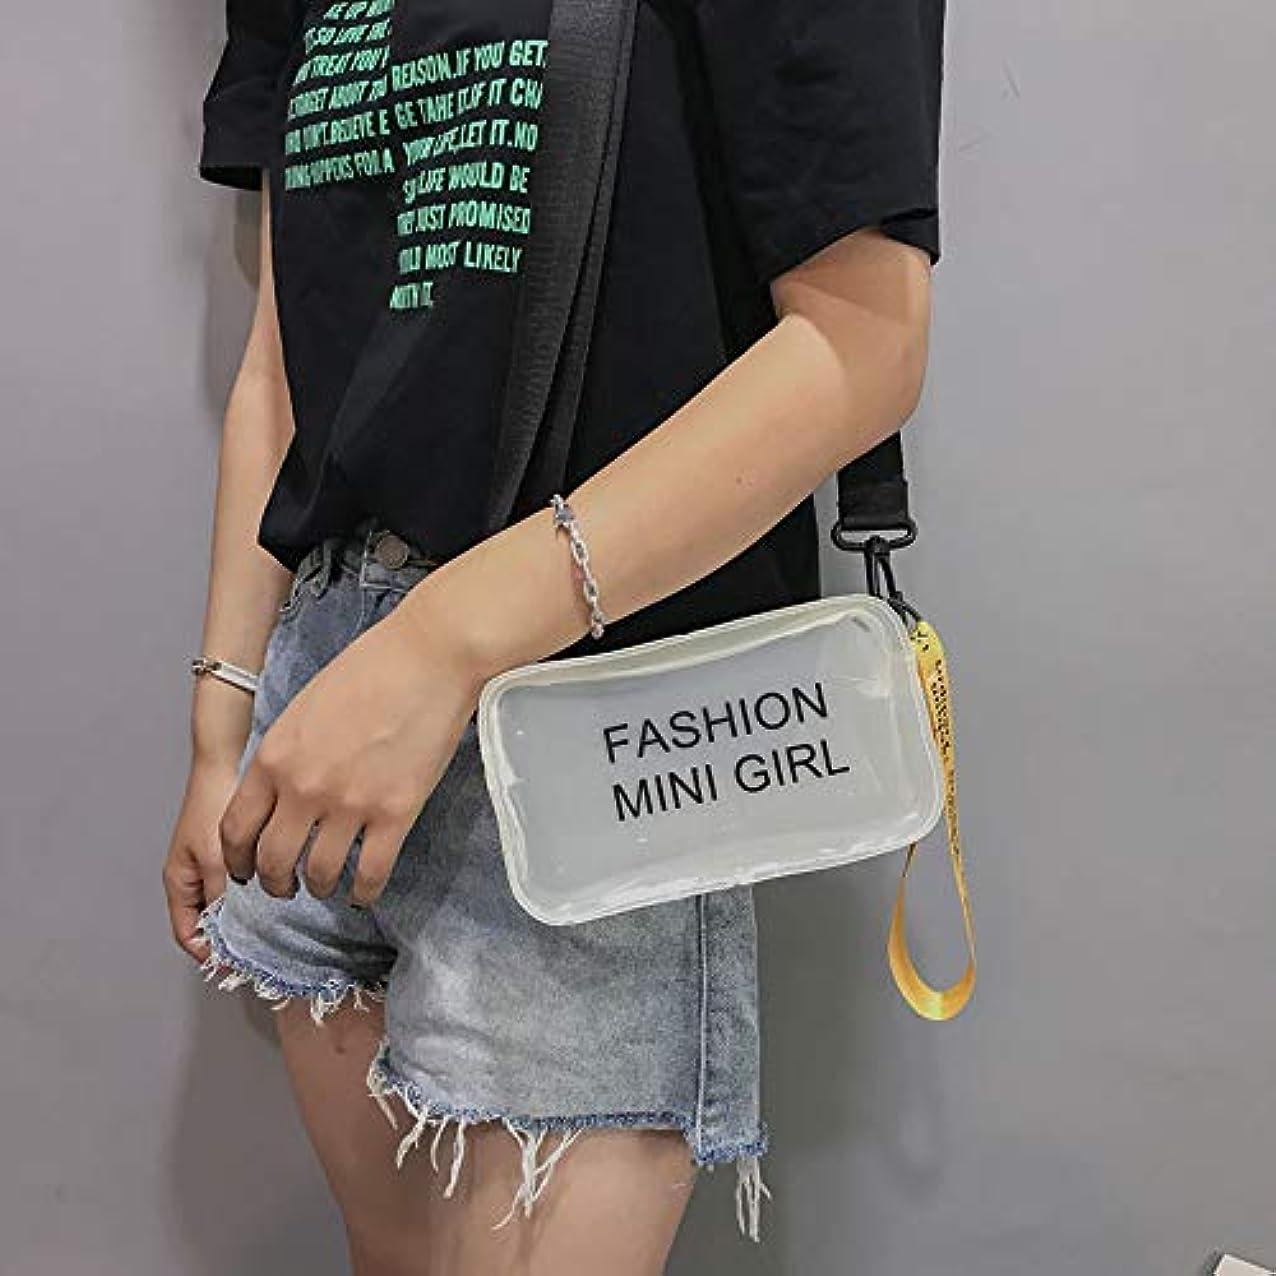 宮殿夫歯痛女性ファッションゼリー手紙ストリートシンプルデザインショルダーバッグメッセンジャーバッグ、ゼリー手紙メッセンジャーバッグハンドバッグ携帯電話バッグ、ファッション汎用メッセンジャーバッグショルダーバッグハンドバッグ (白)